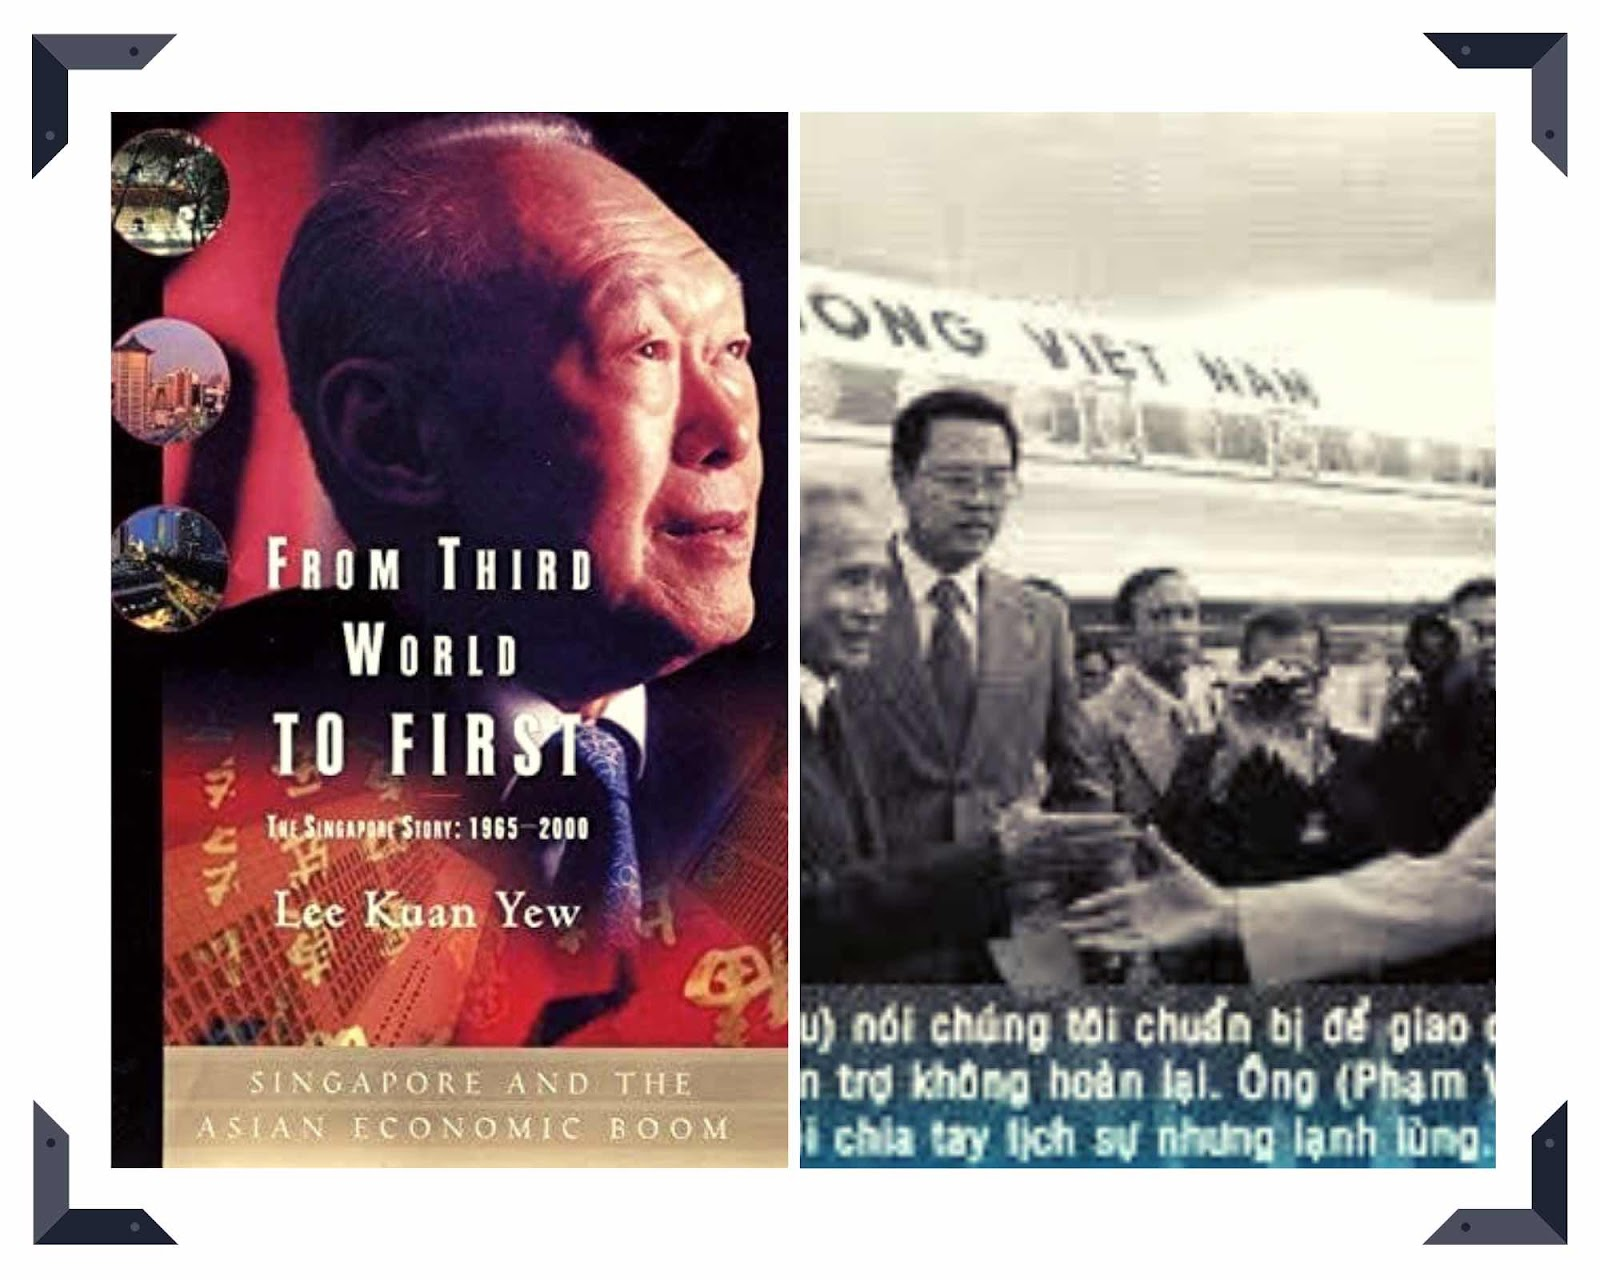 Giới lãnh đạo Việt Nam sau 1975 qua cái nhìn của Lý Quang Diệu